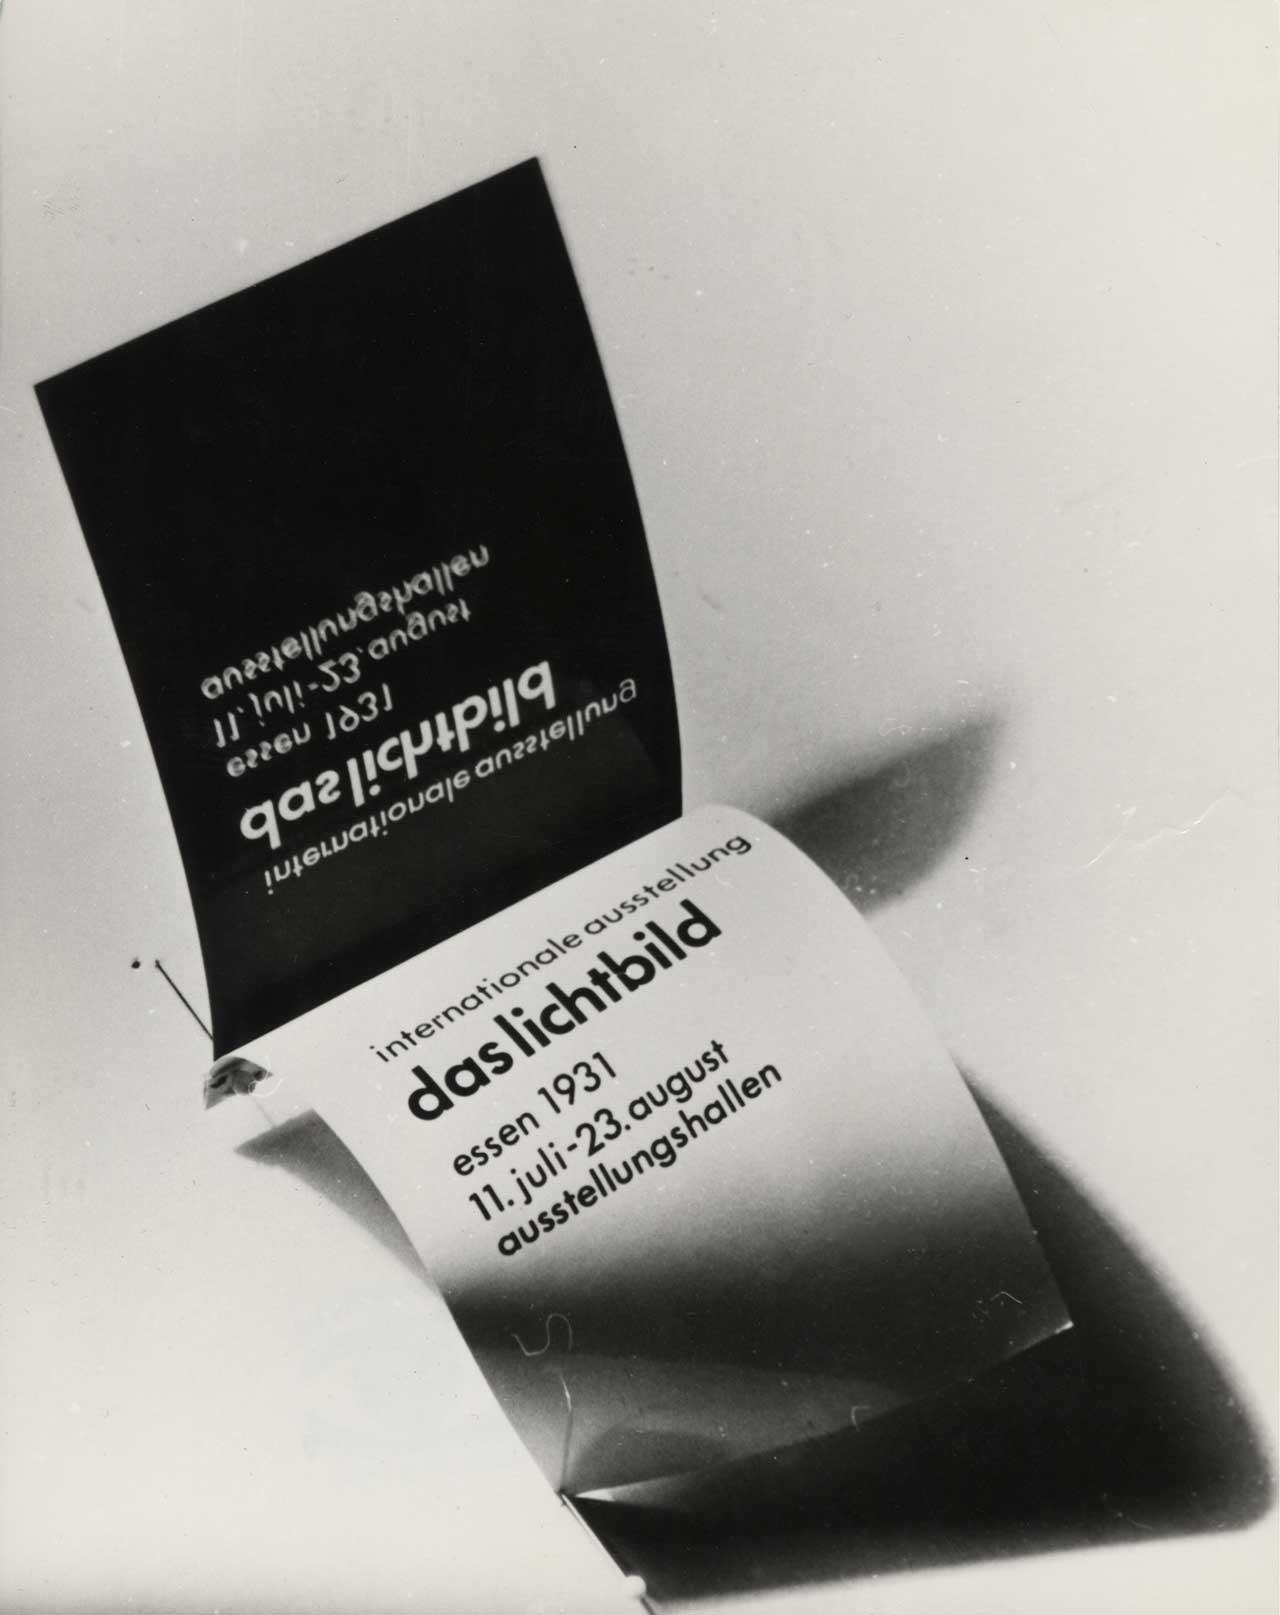 aiga-design-Wittkugel-1931-Das-Lichtbild.jpg